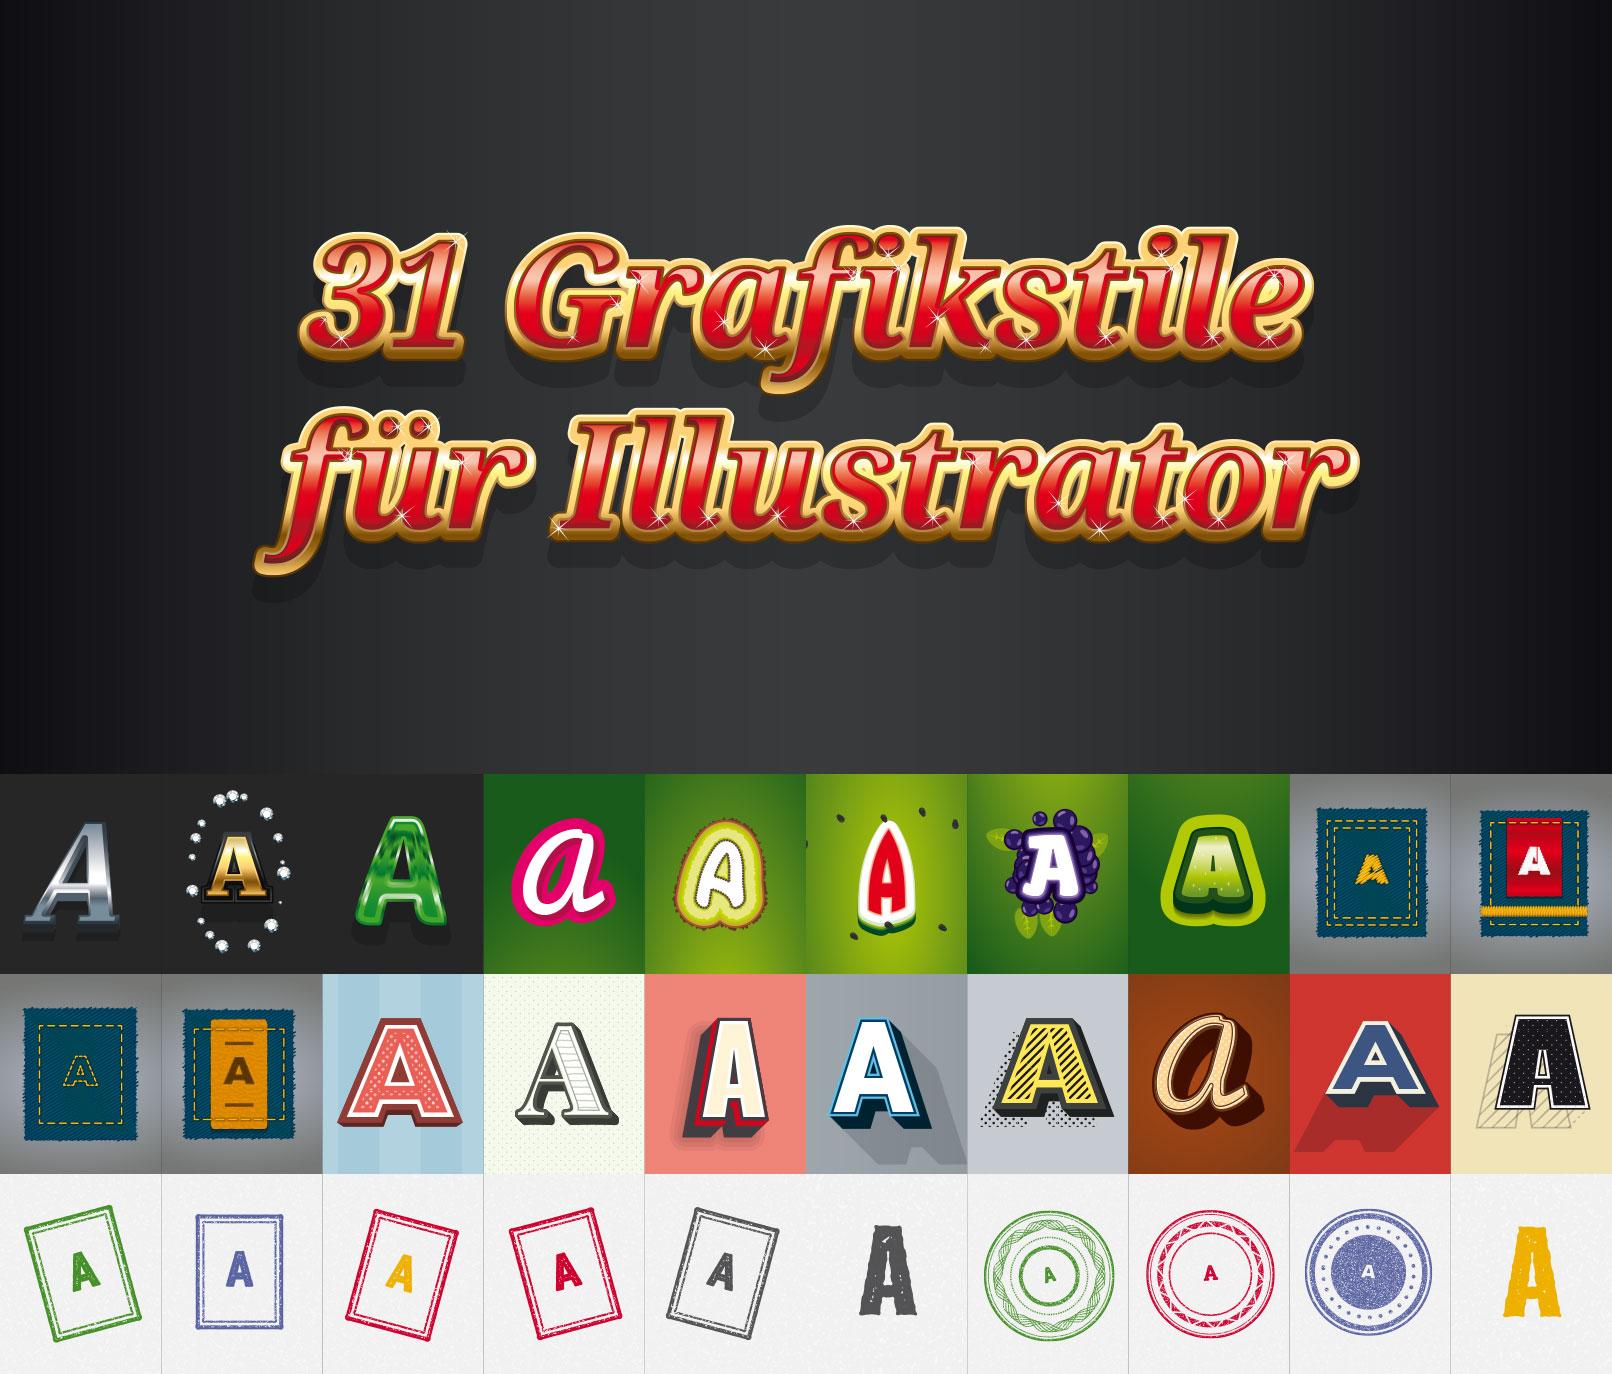 Beispiele für die 31 Grafikstile für Illustrator zum Download